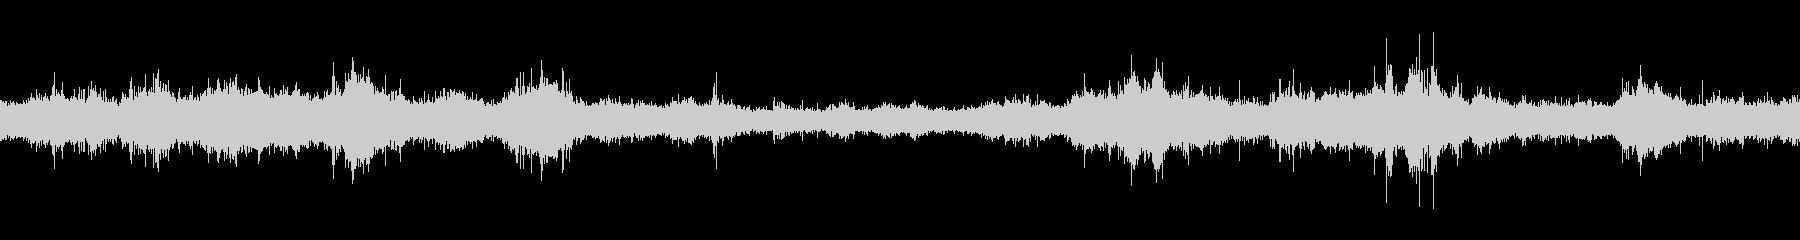 江ノ島海岸_岩場に打ち寄せる波_03の未再生の波形